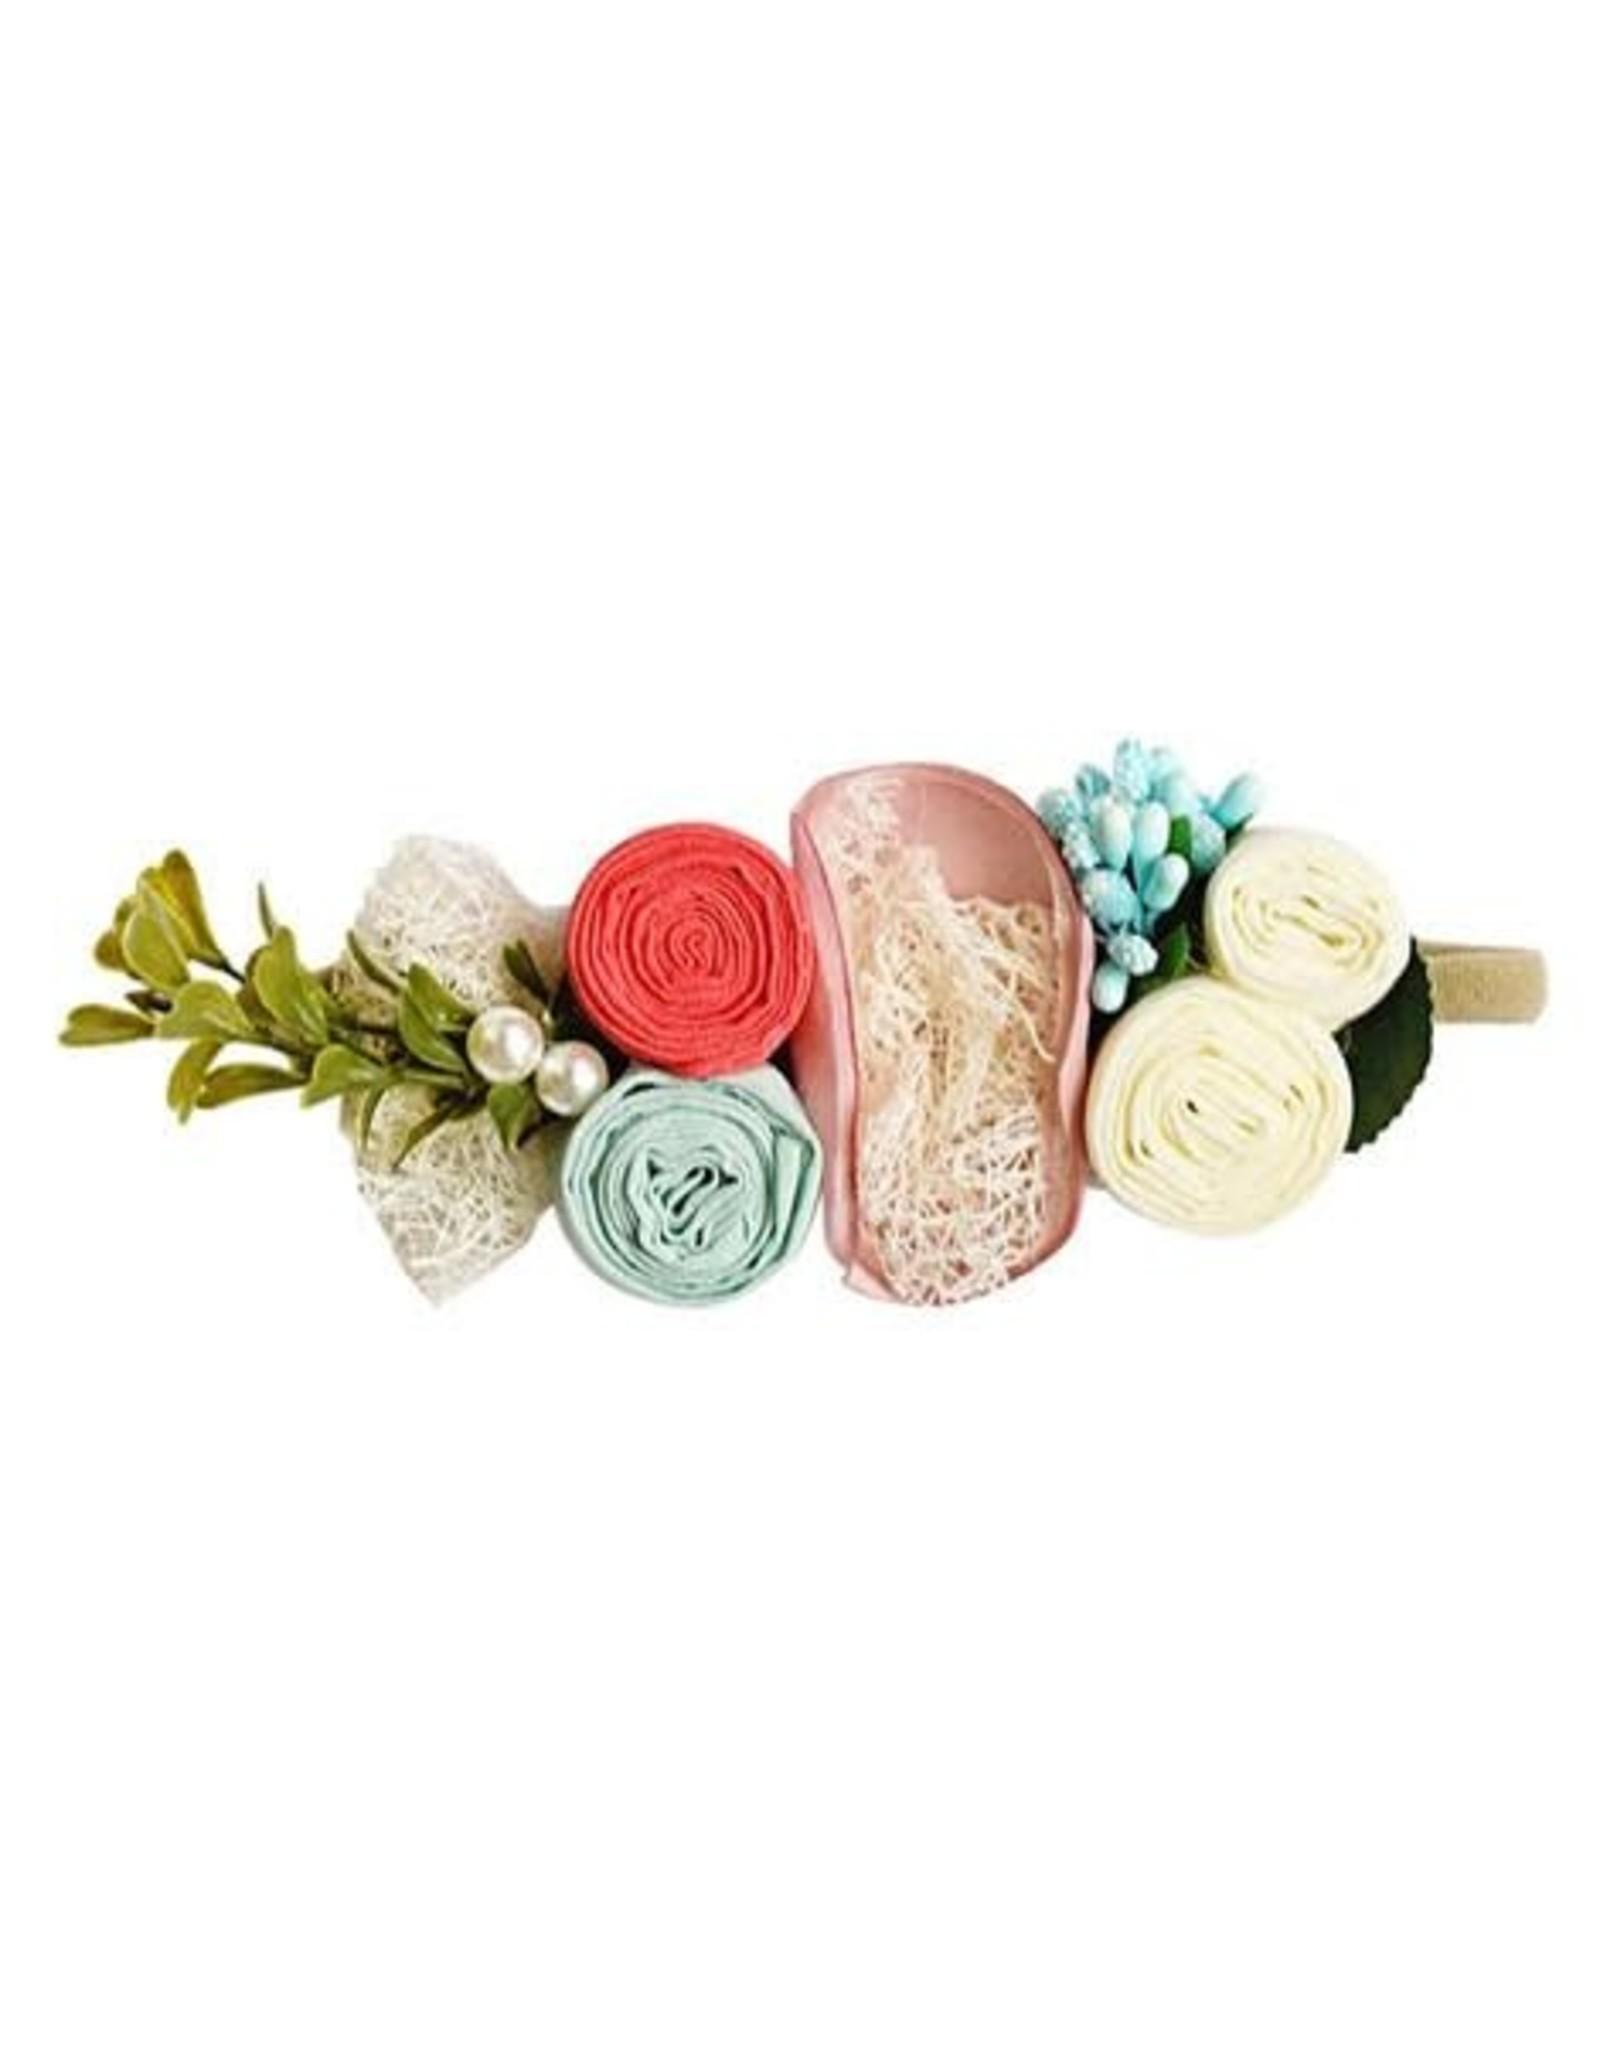 Baileys Blossoms Bailey's Blossoms- Mauve, Coral, Aqua & Ivory Floral Stretch Headband